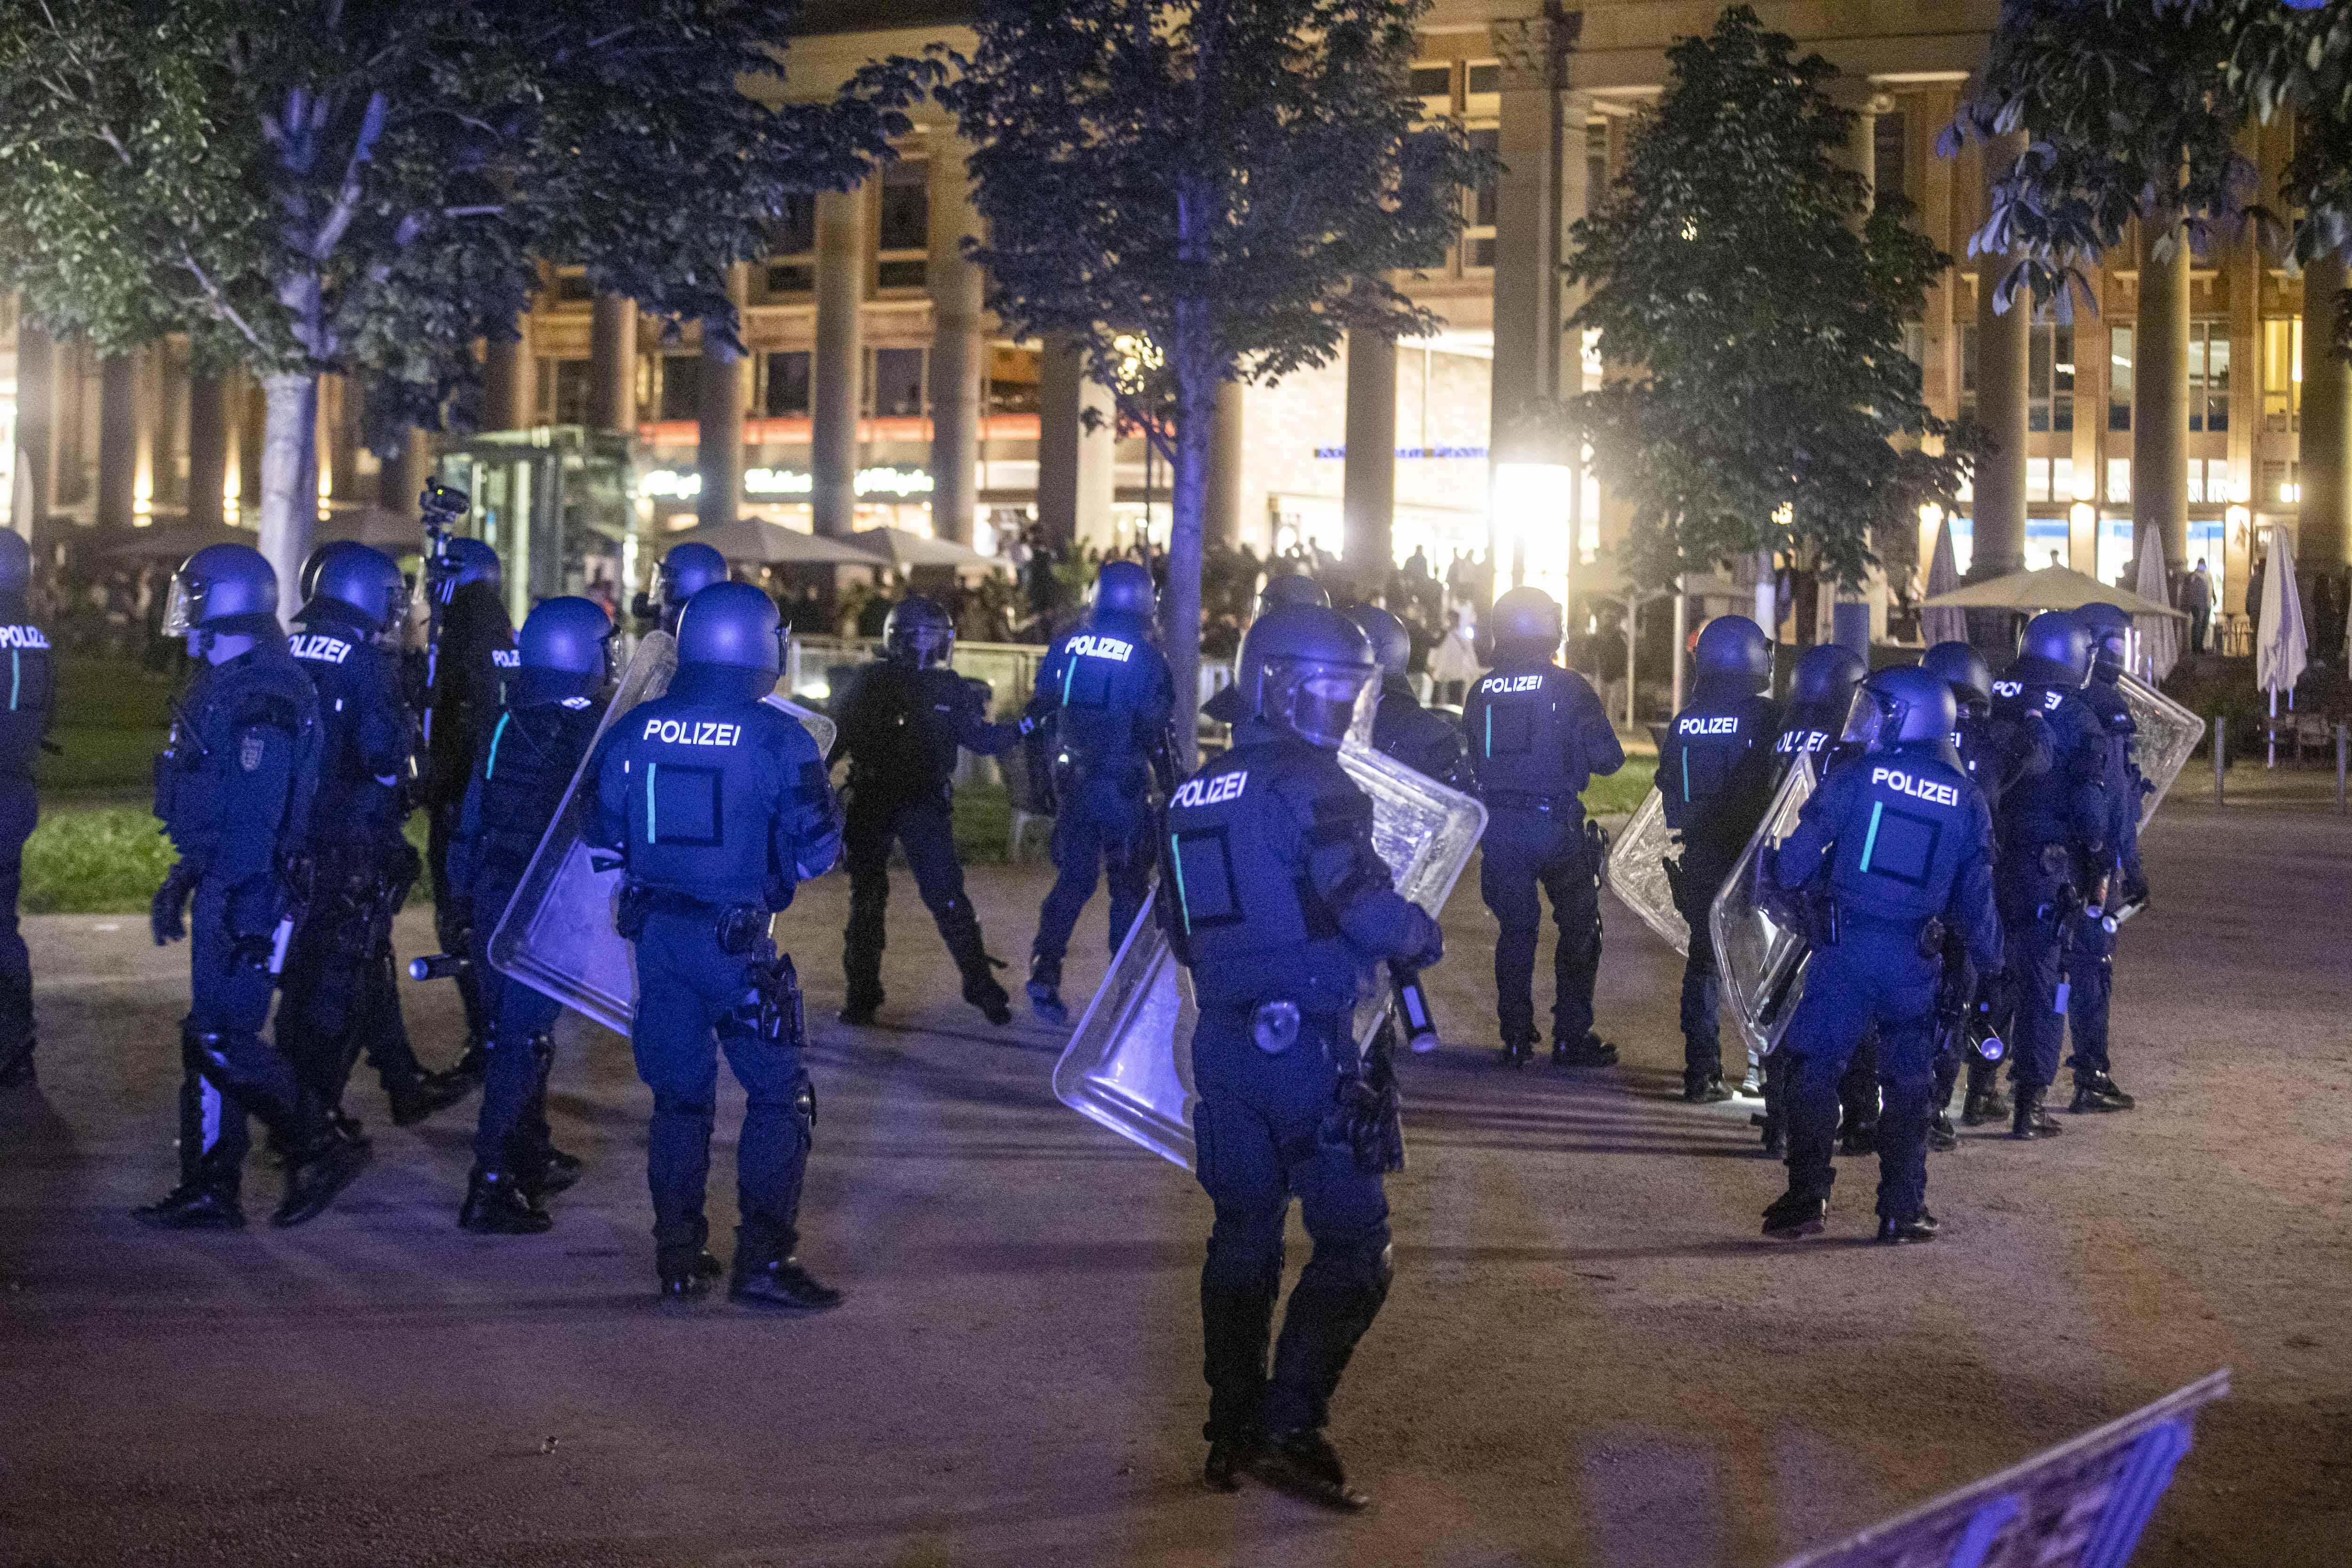 Éjjel komoly zavargások voltak Stuttgartban, tucatnyi rendőr megsérült